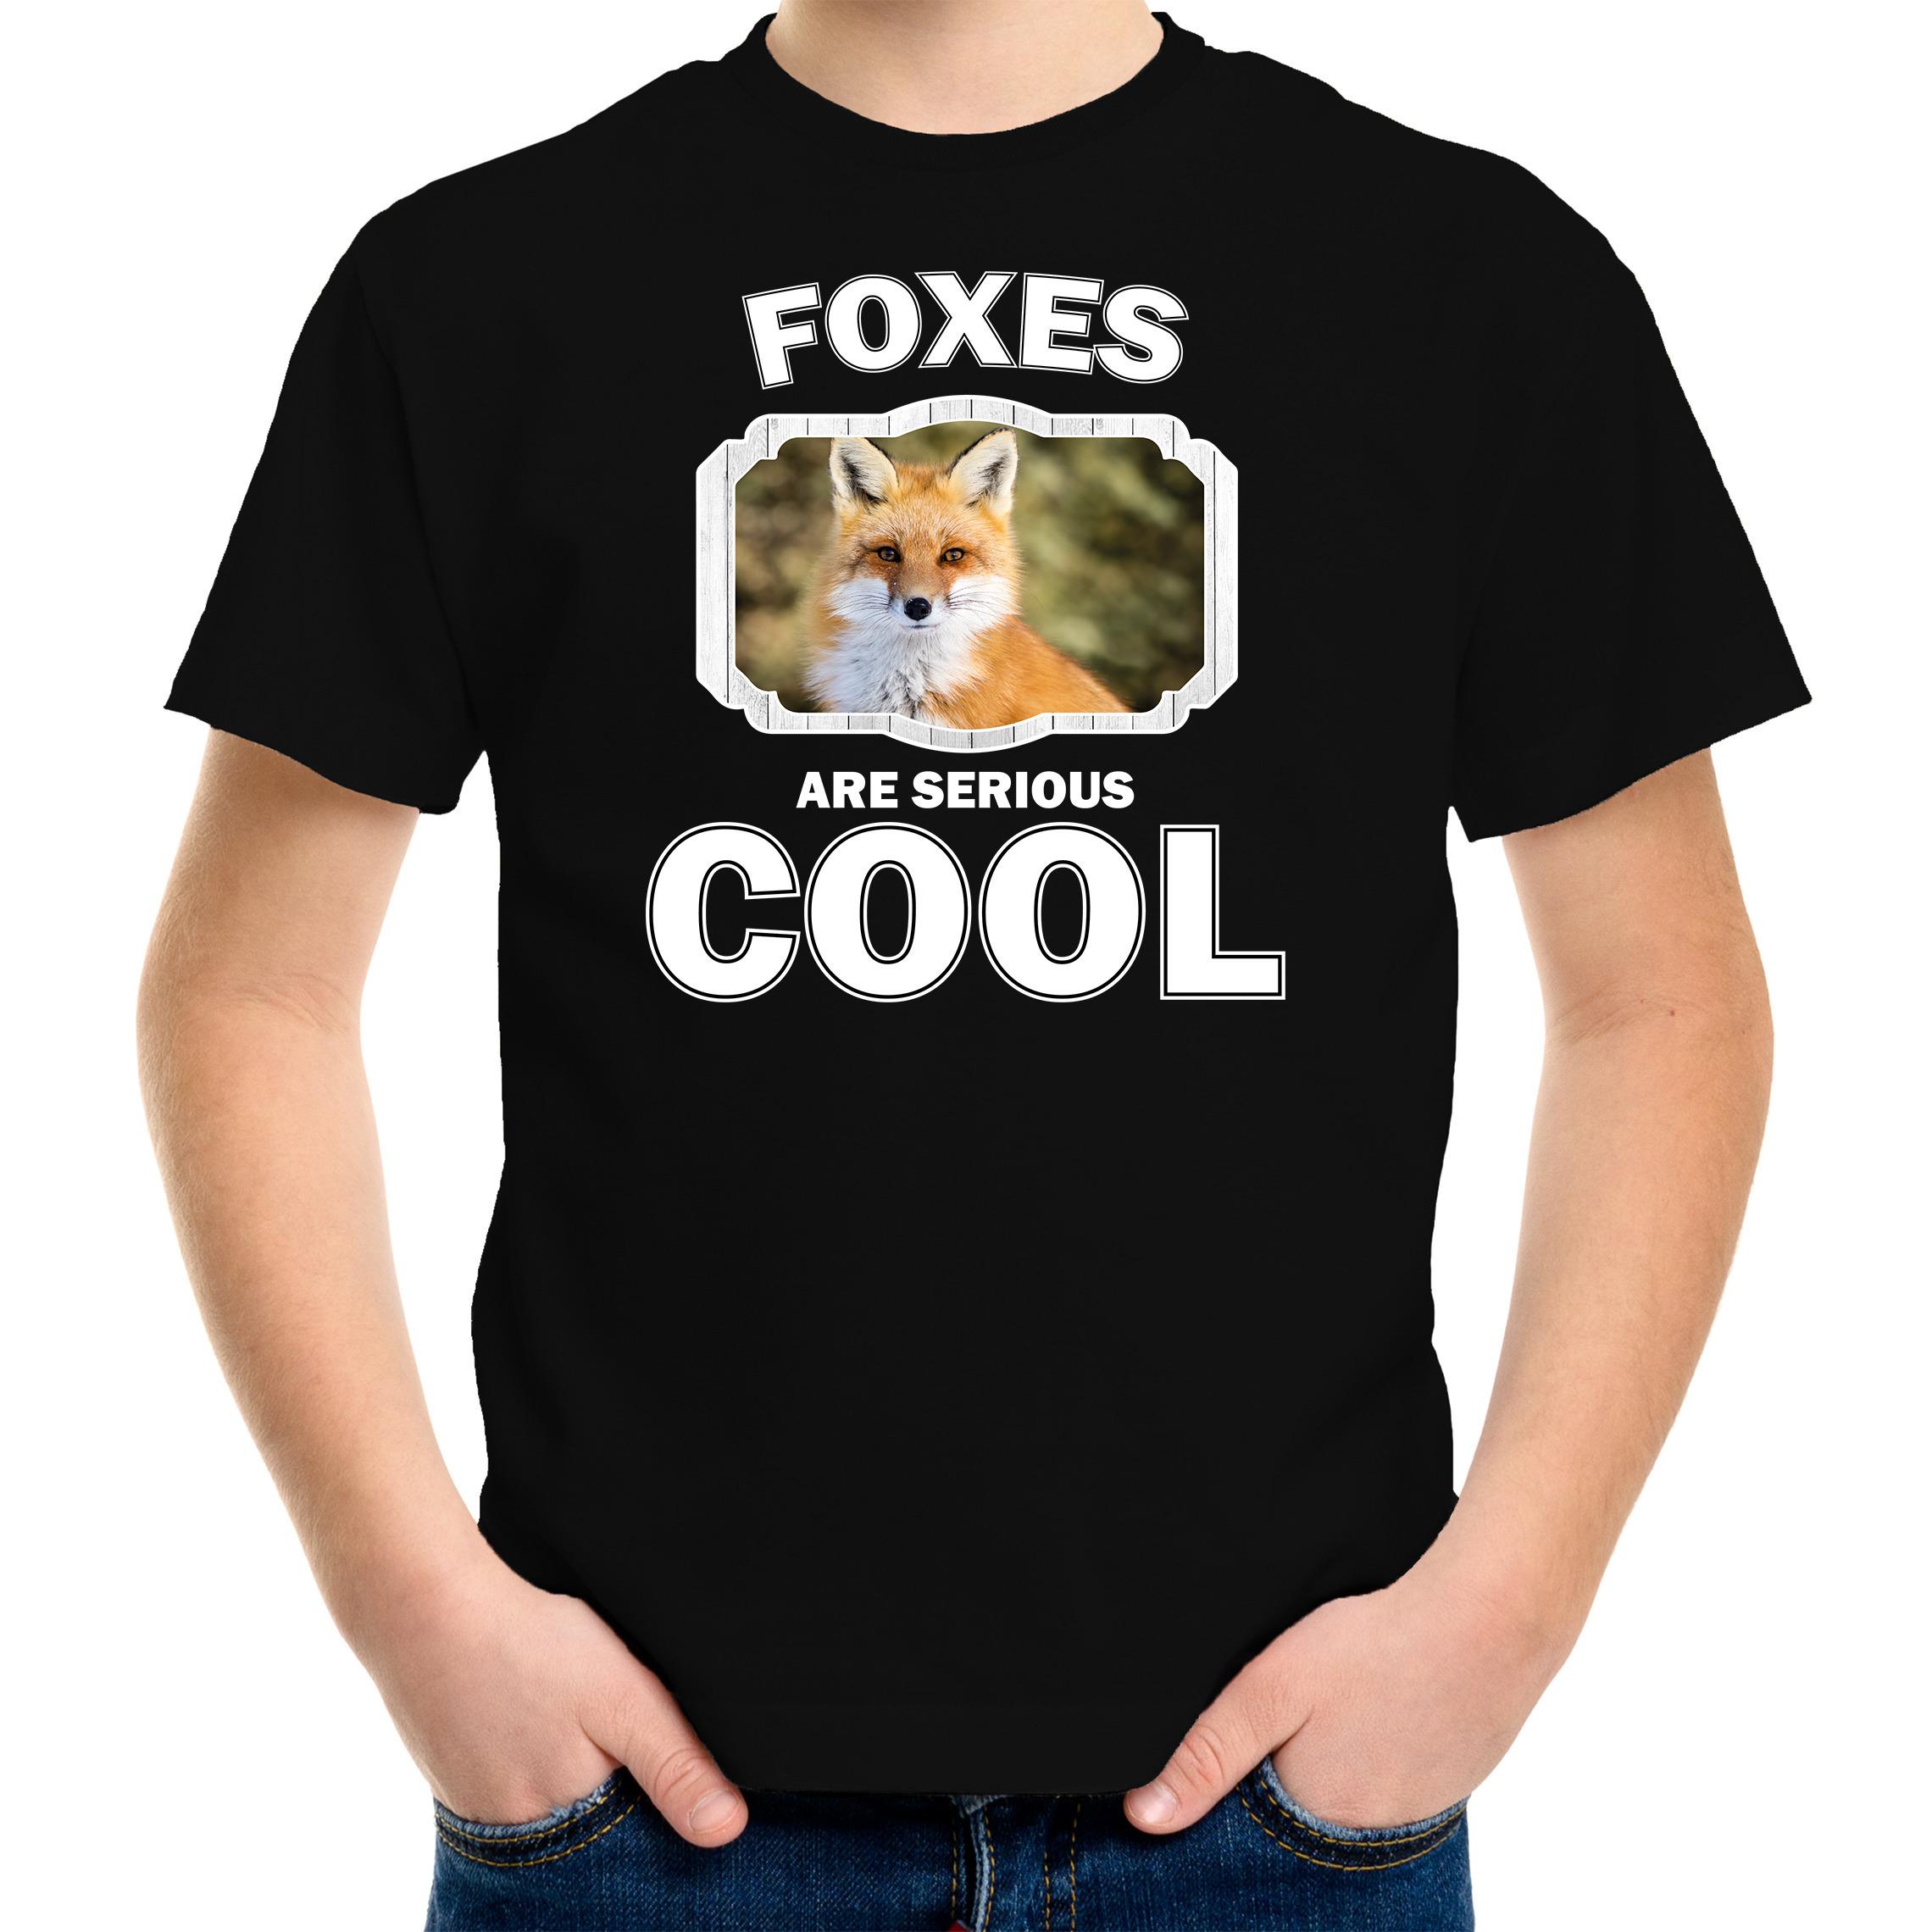 T-shirt foxes are serious cool zwart kinderen - vossen/ vos shirt